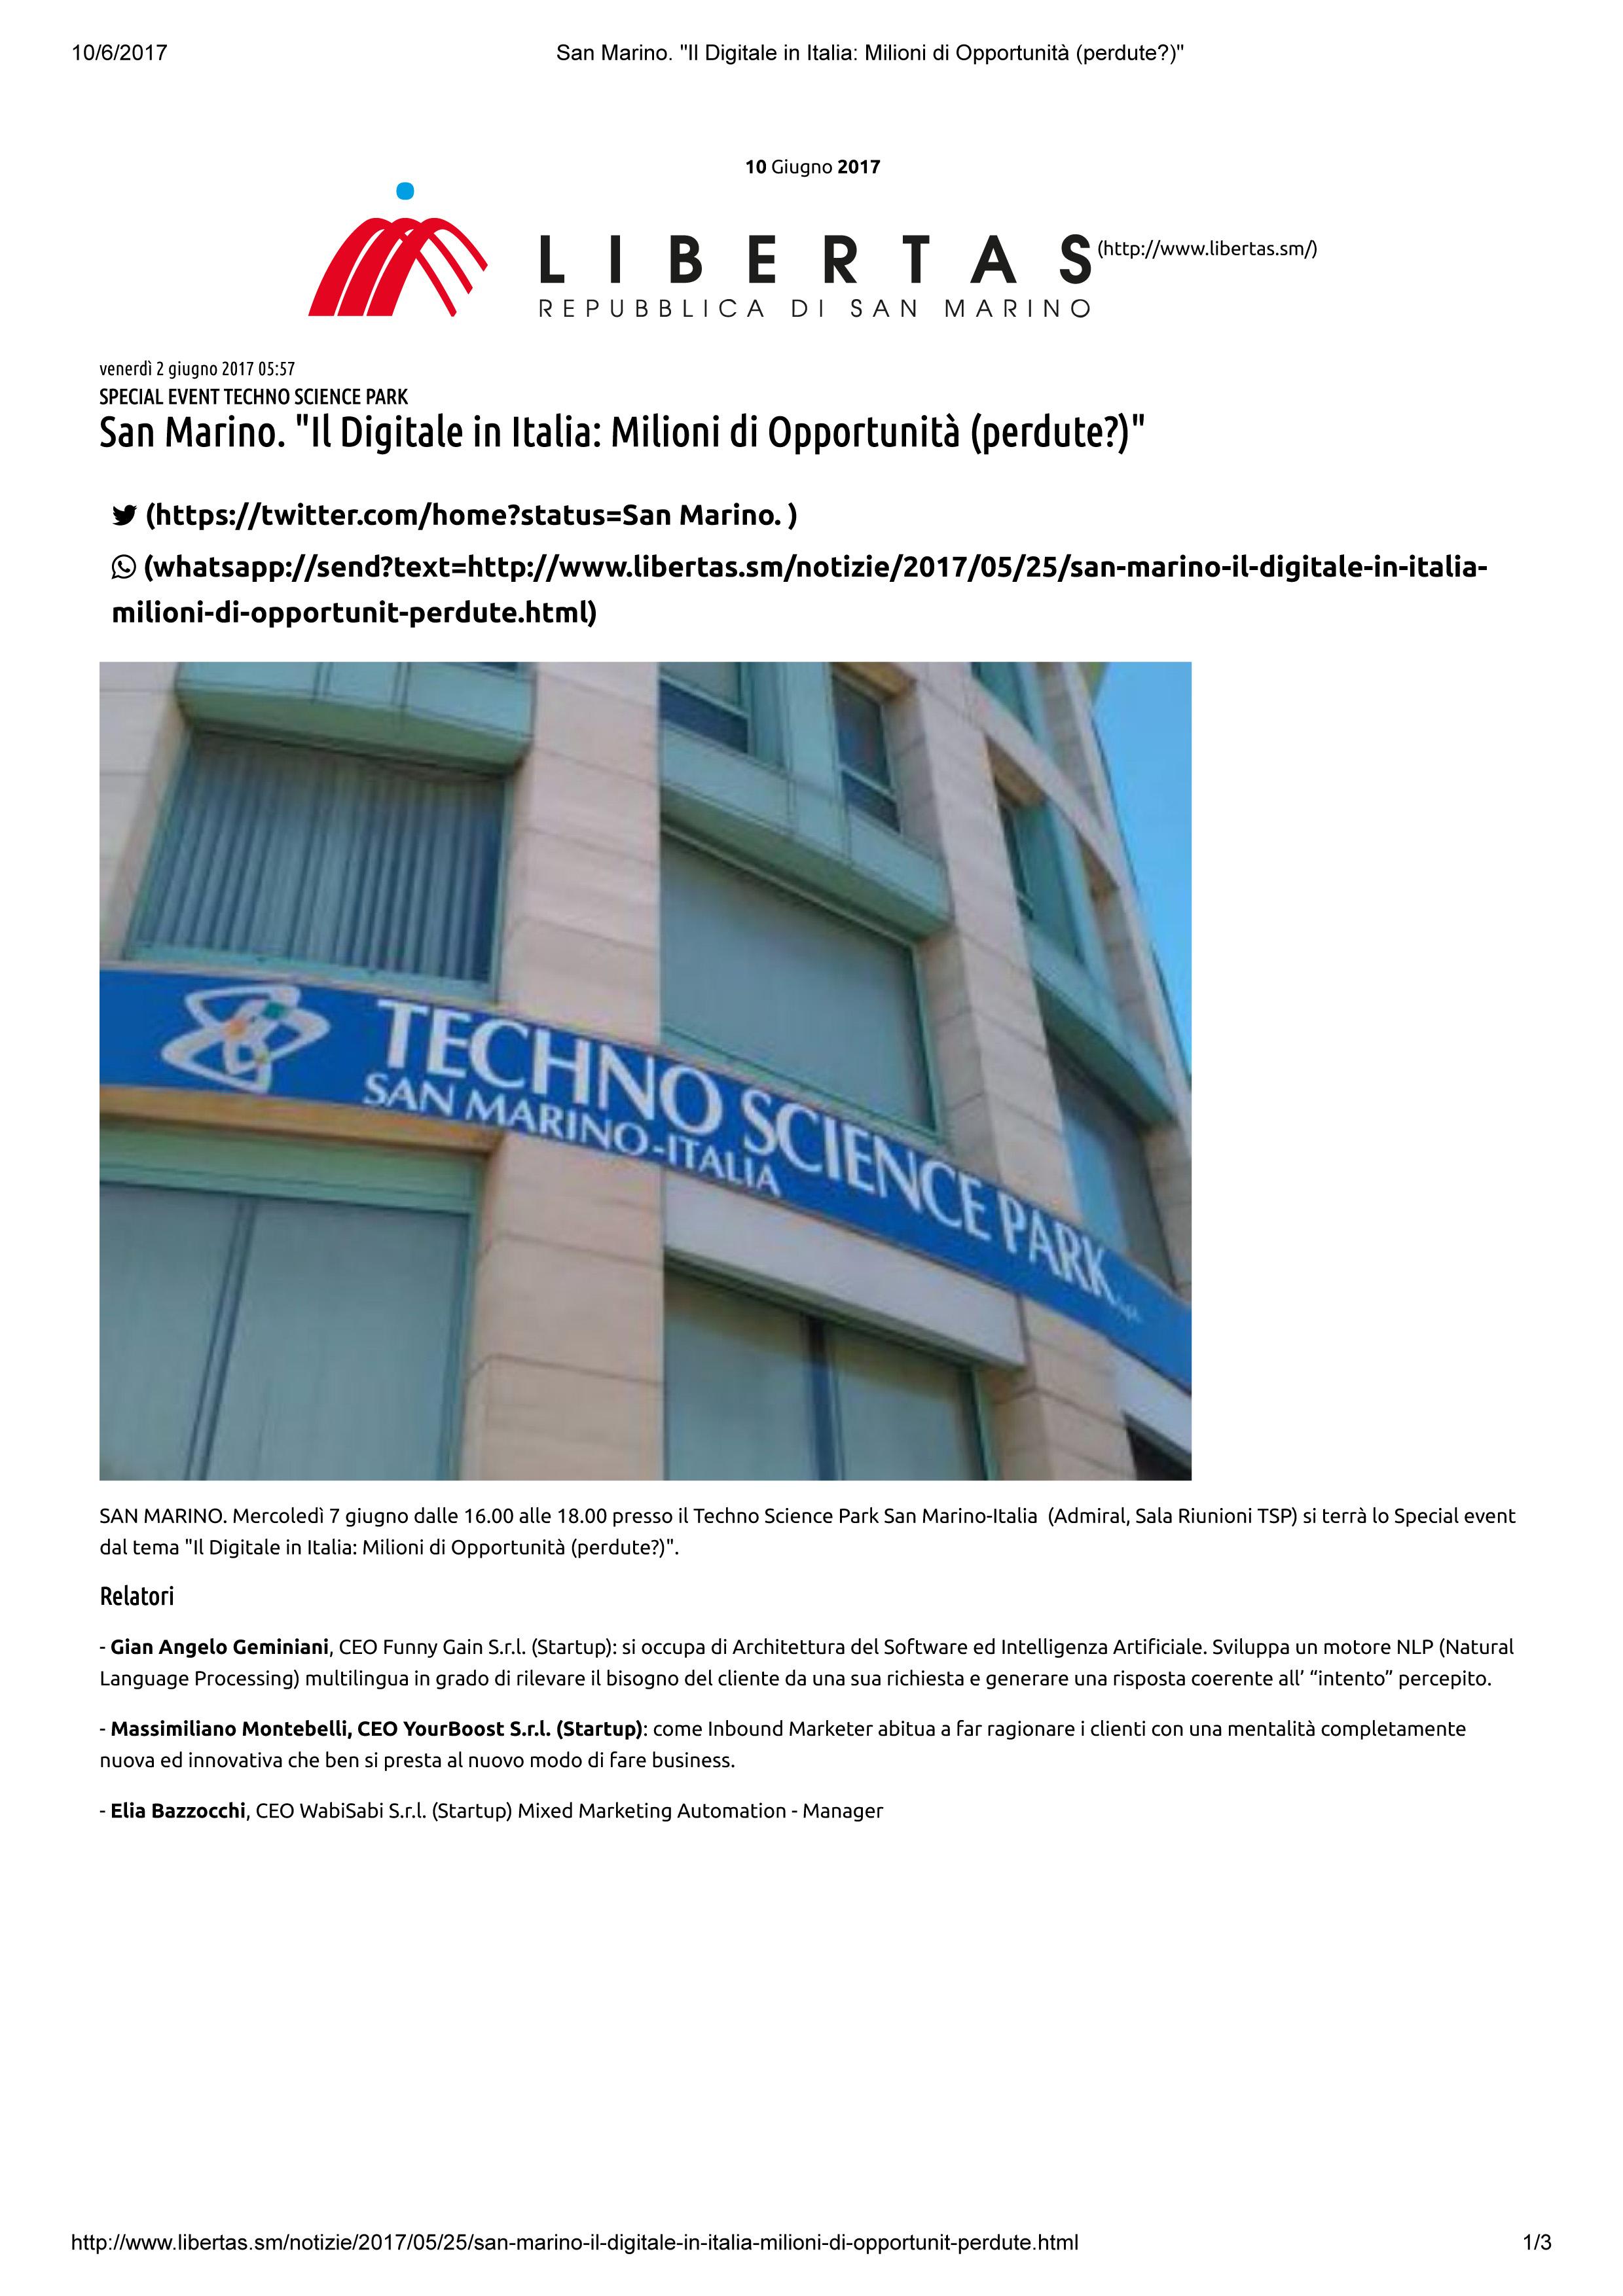 """Libertas news, San Marino, Convegno """"Il Digitale in Italia: millioni di Opportunità"""", 10-6-2017"""